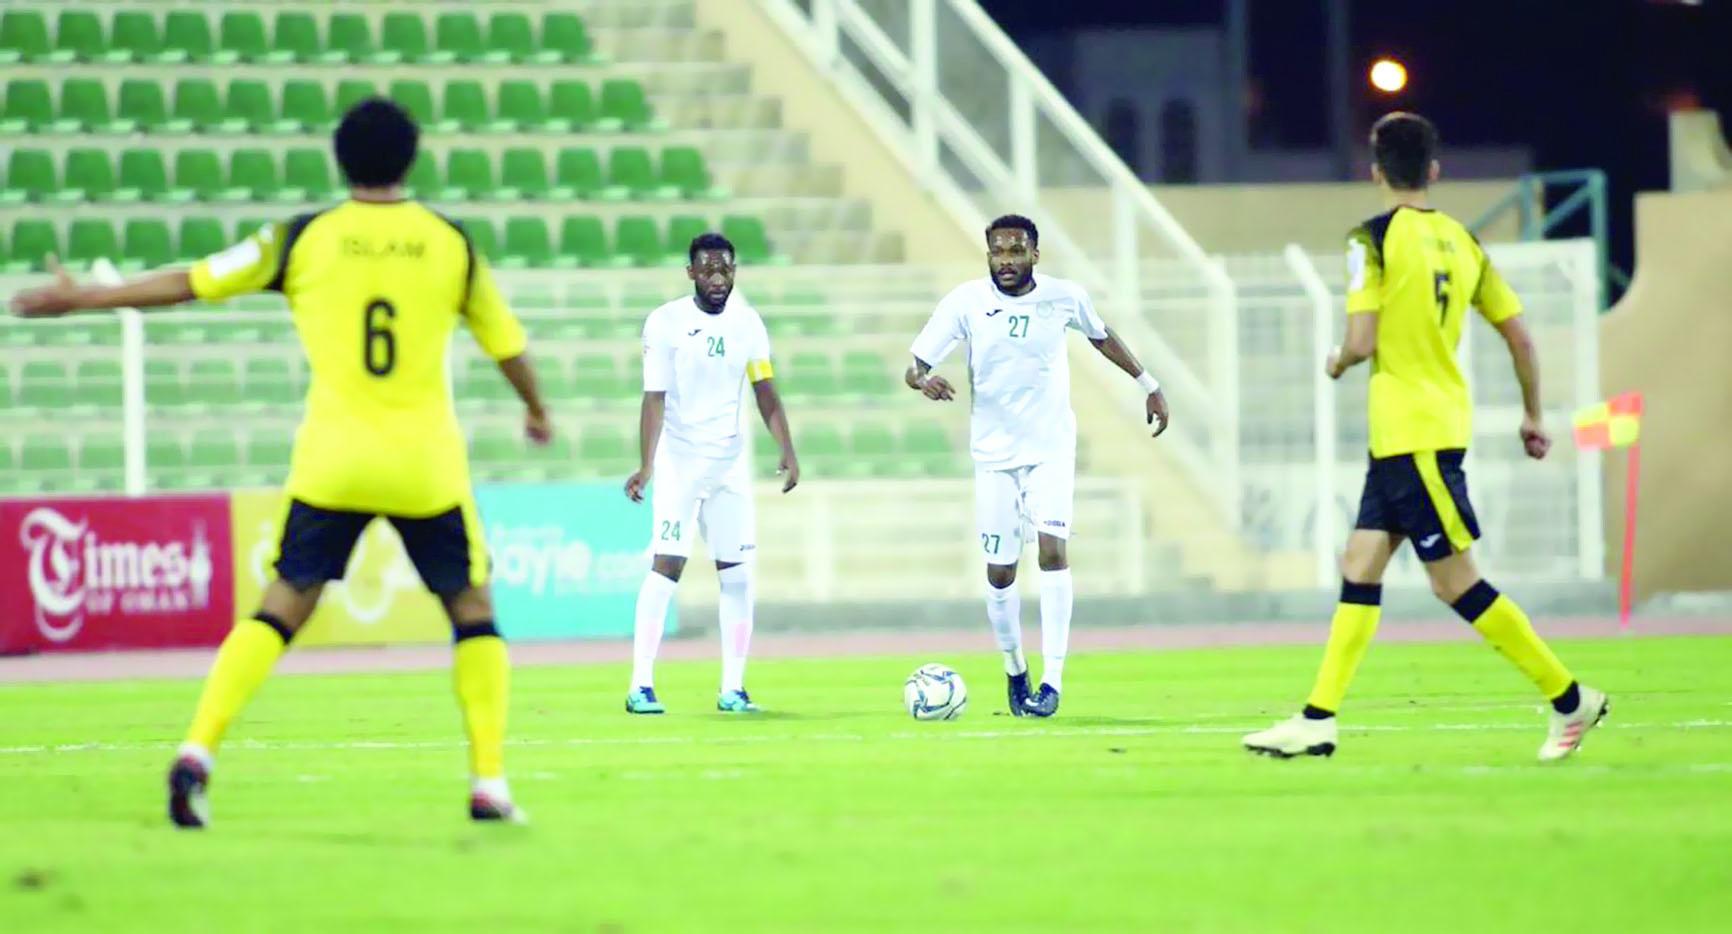 النصر يلتقي السويق بمباراة مؤجلة في دوري عمانتل